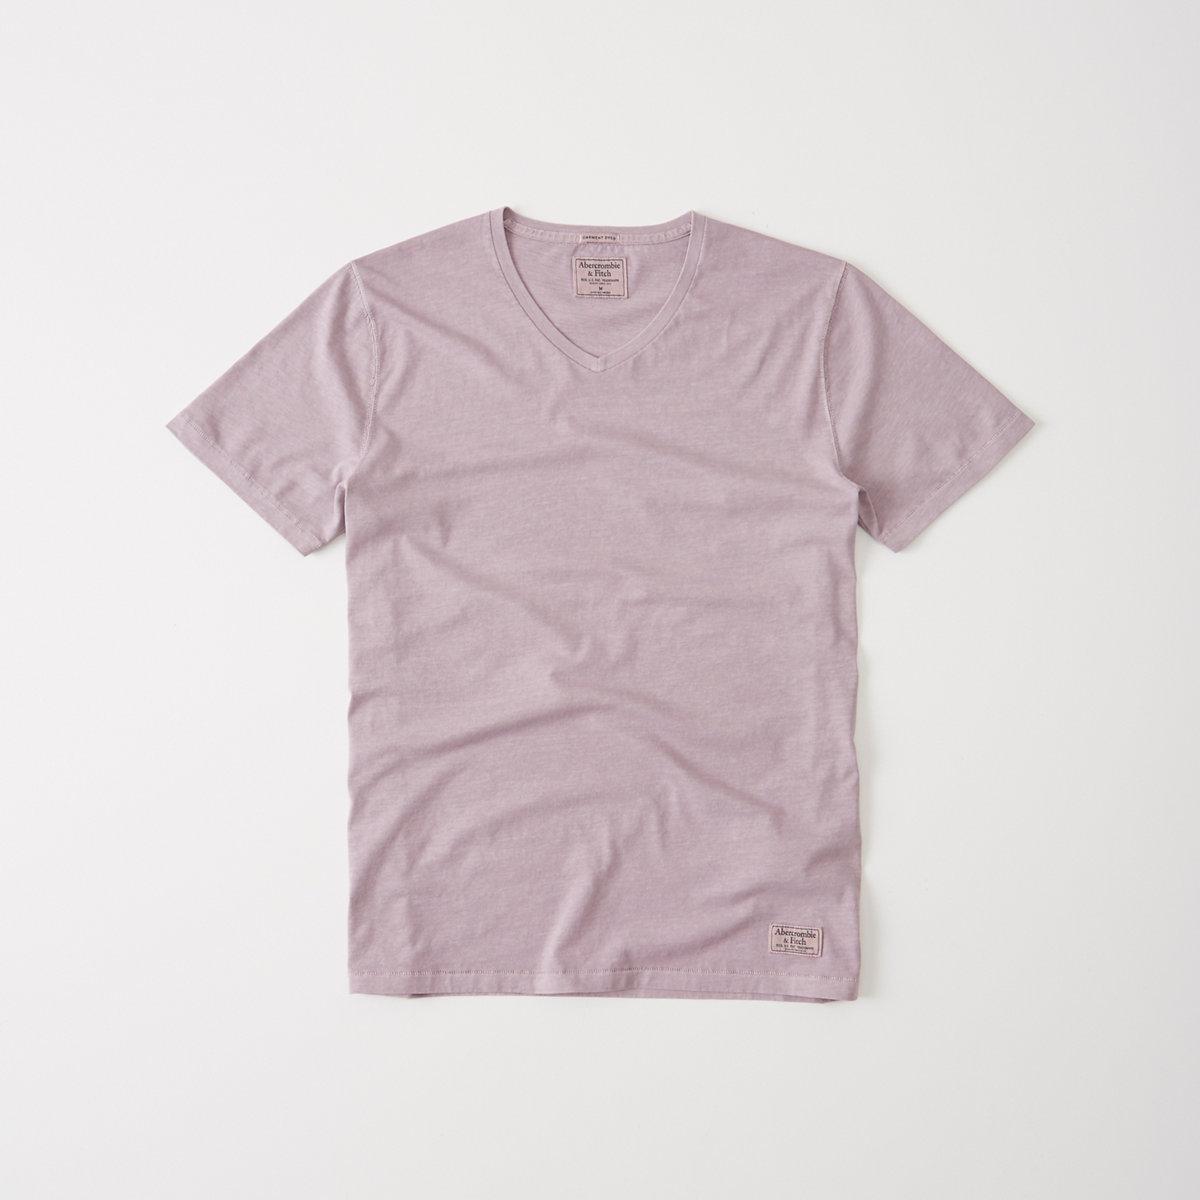 Garment Dye V-Neck Tee